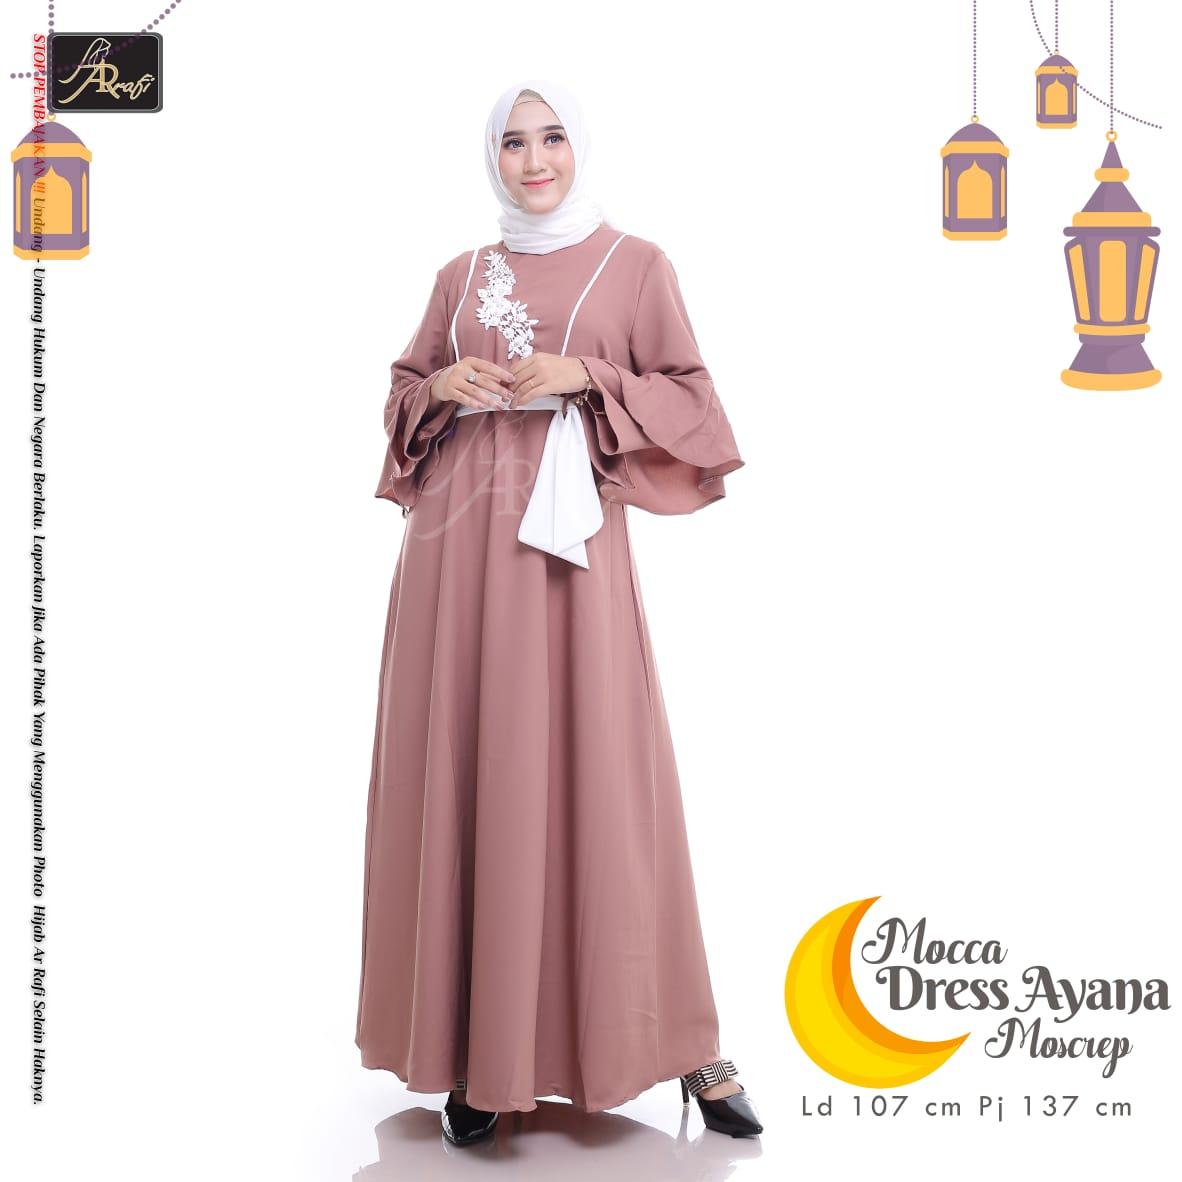 Gamis Hijab Ar Rafi Lebaran Terlaris Ayana Gamis Mosscrepe Premium Lazada Indonesia